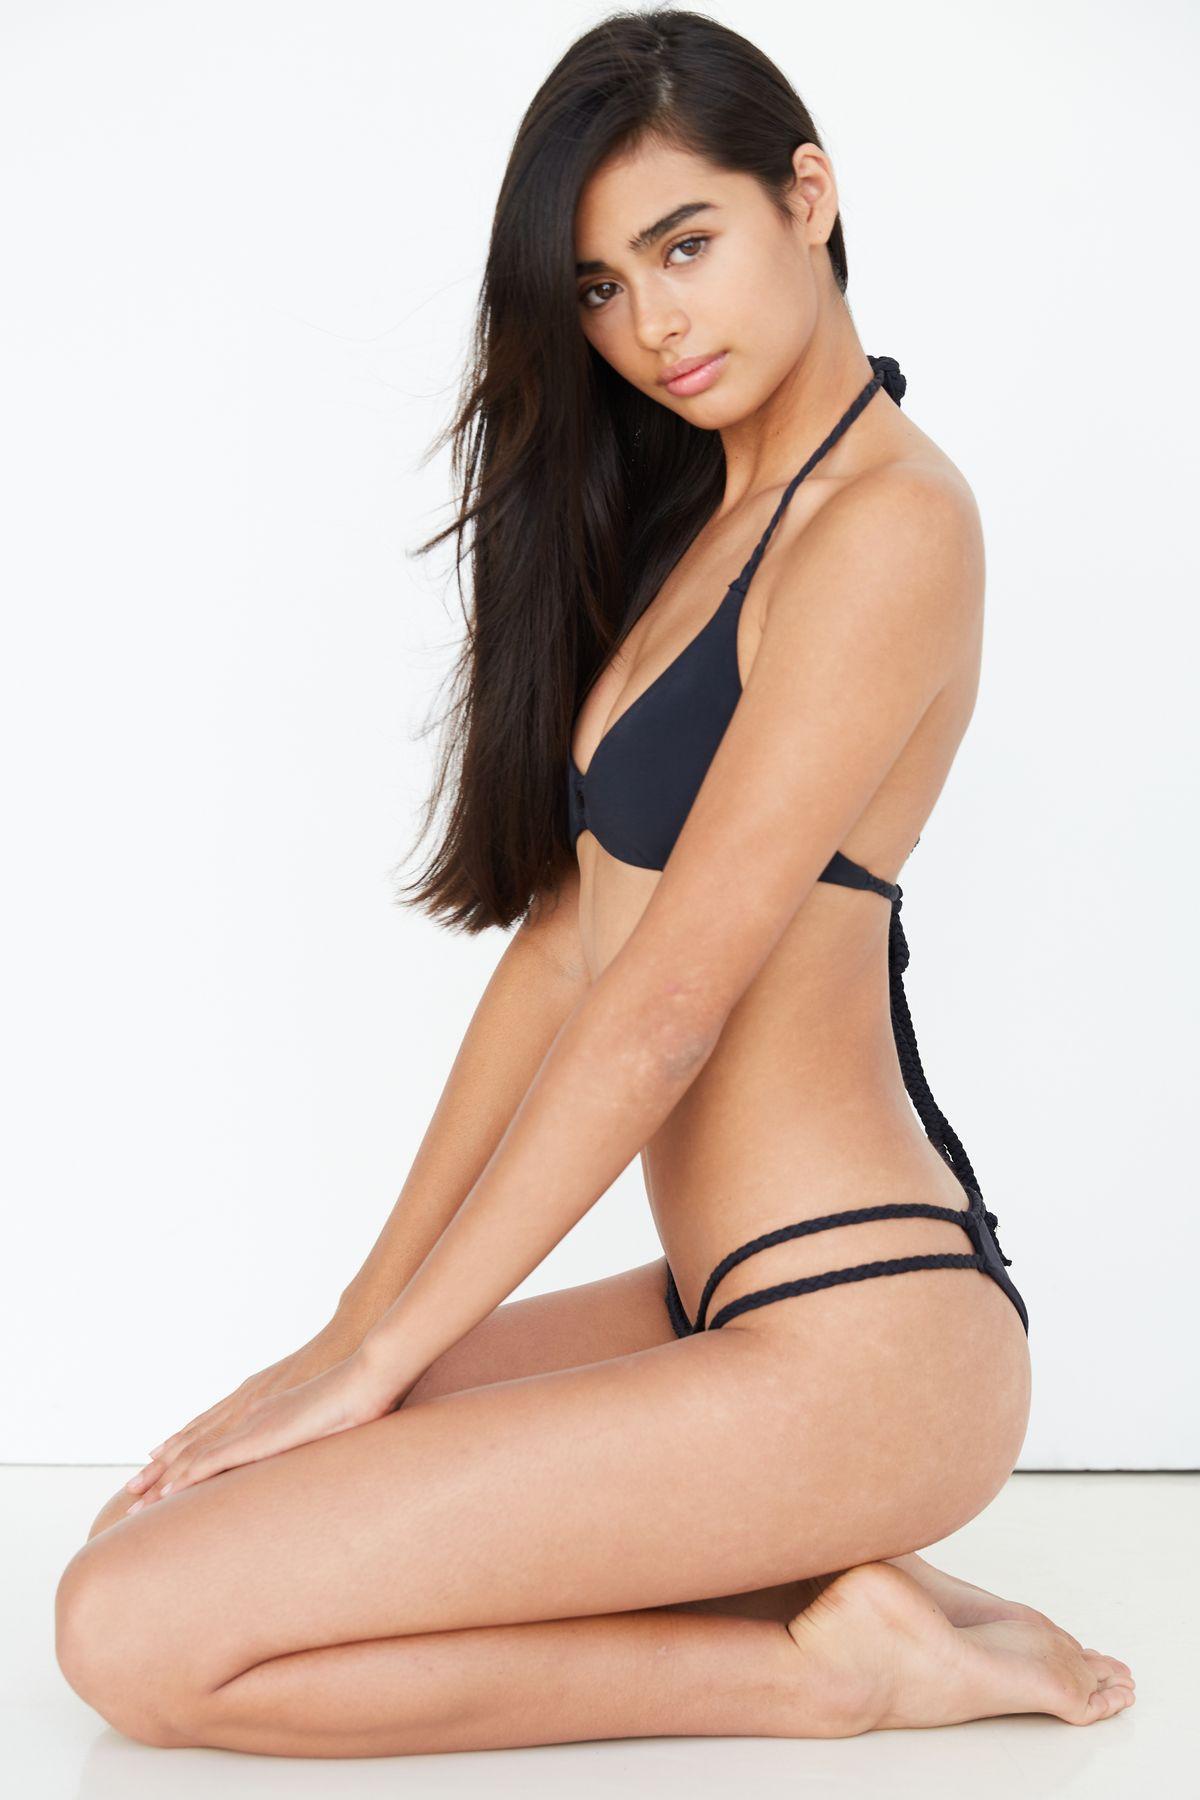 Female Model Ellie